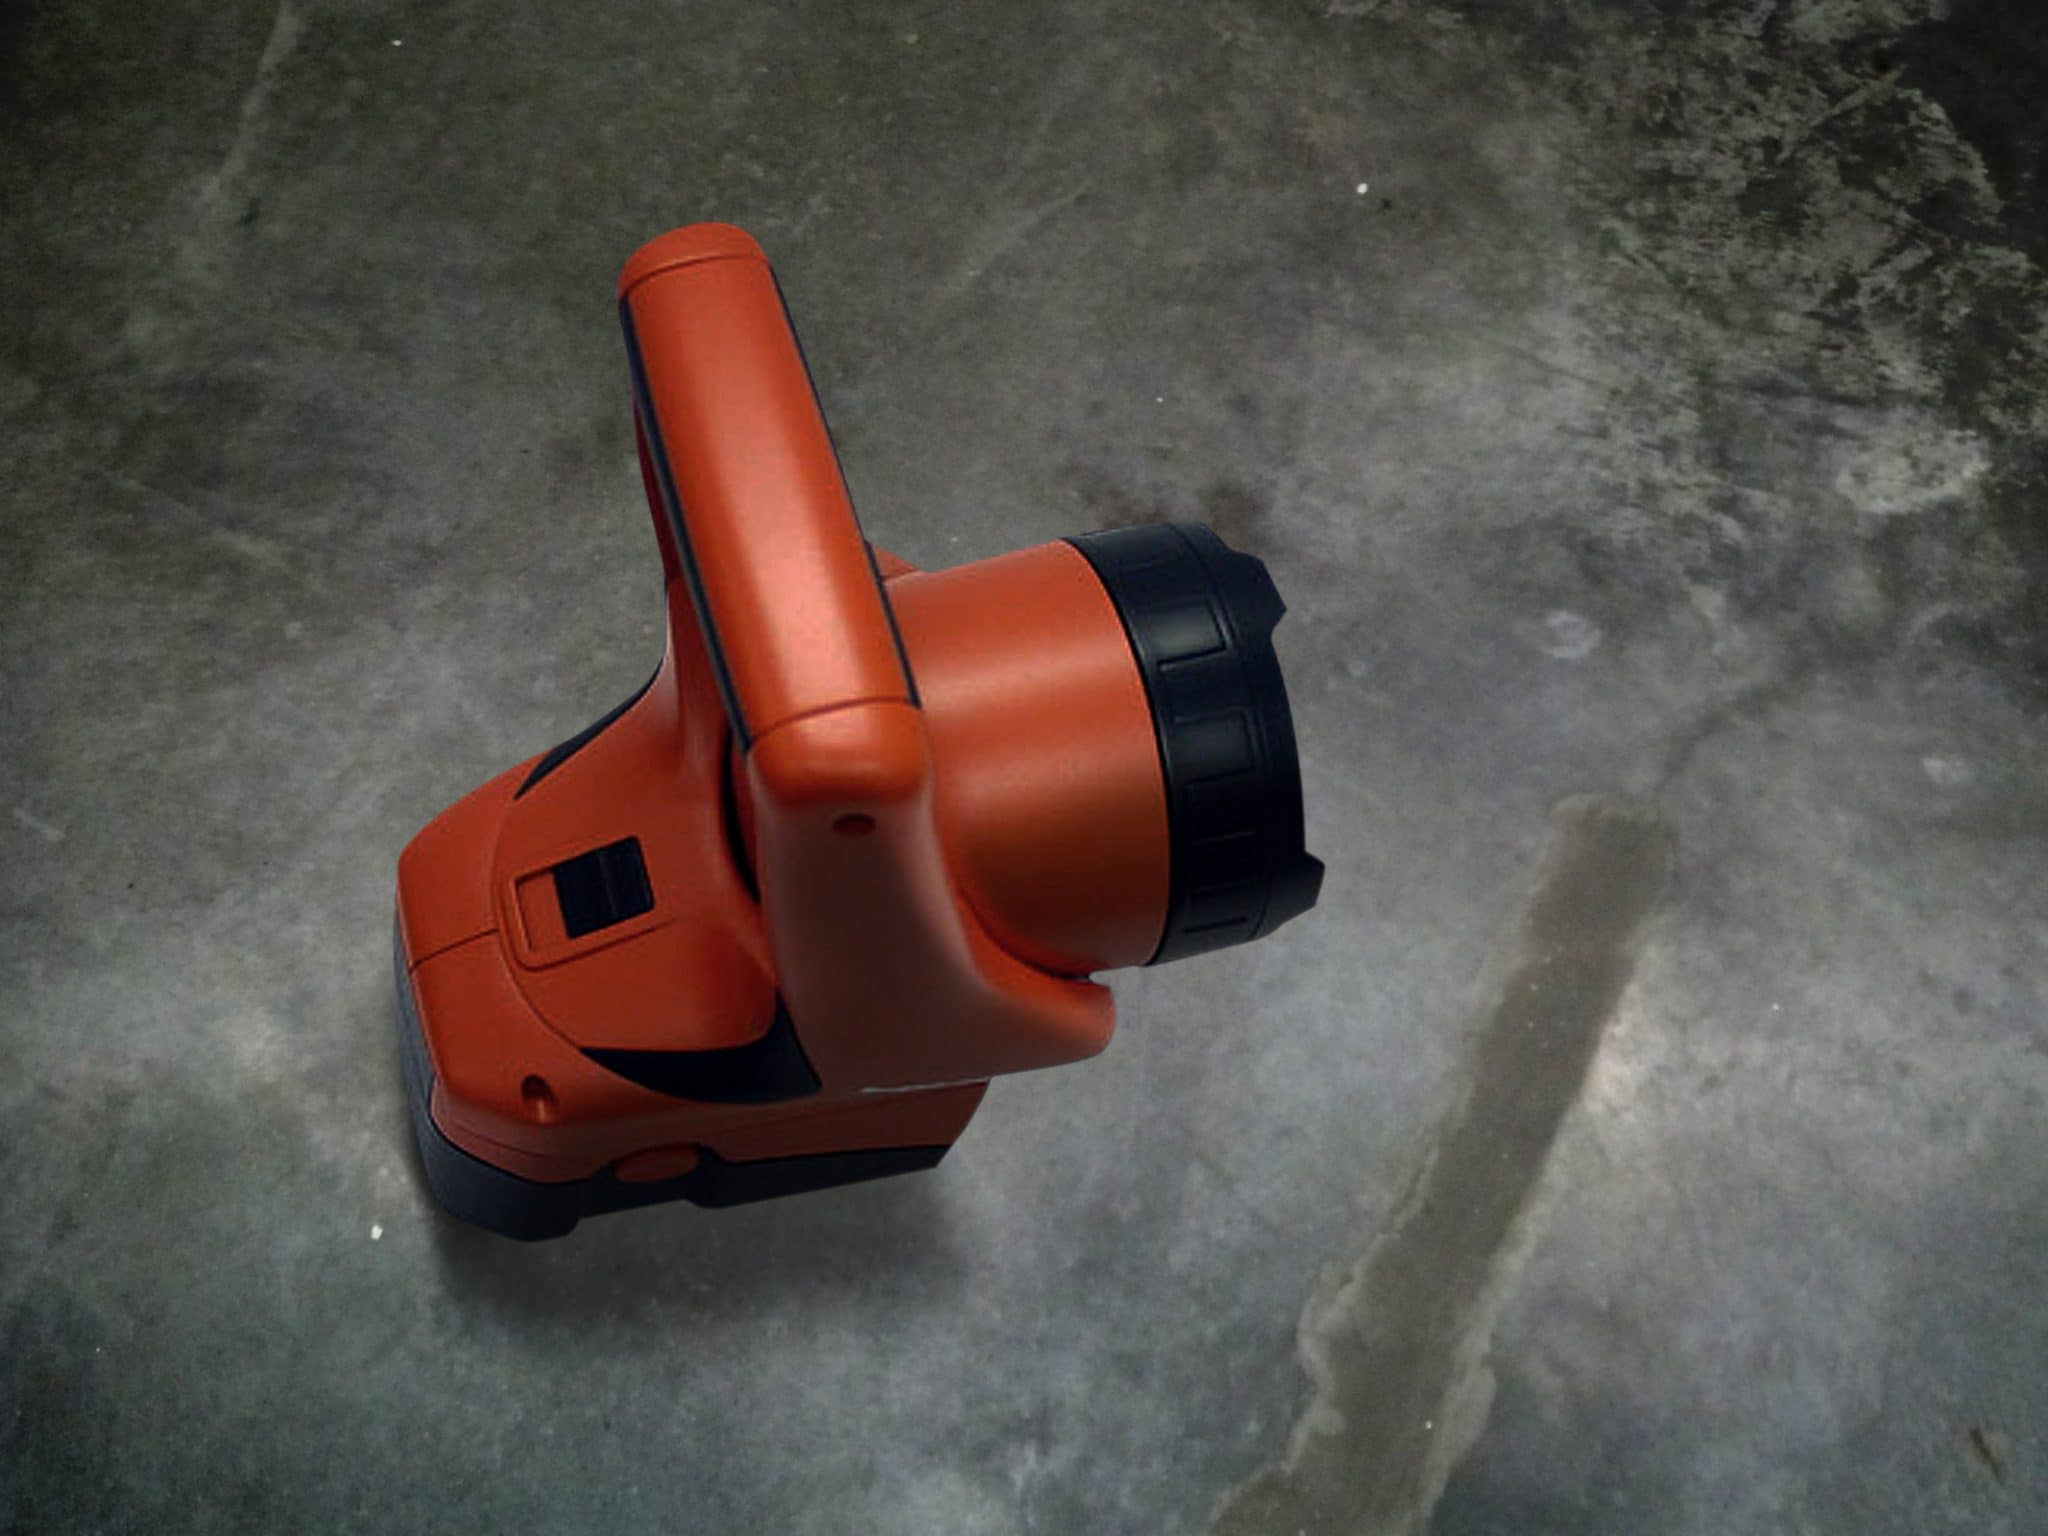 24 Volt cordless flashlight